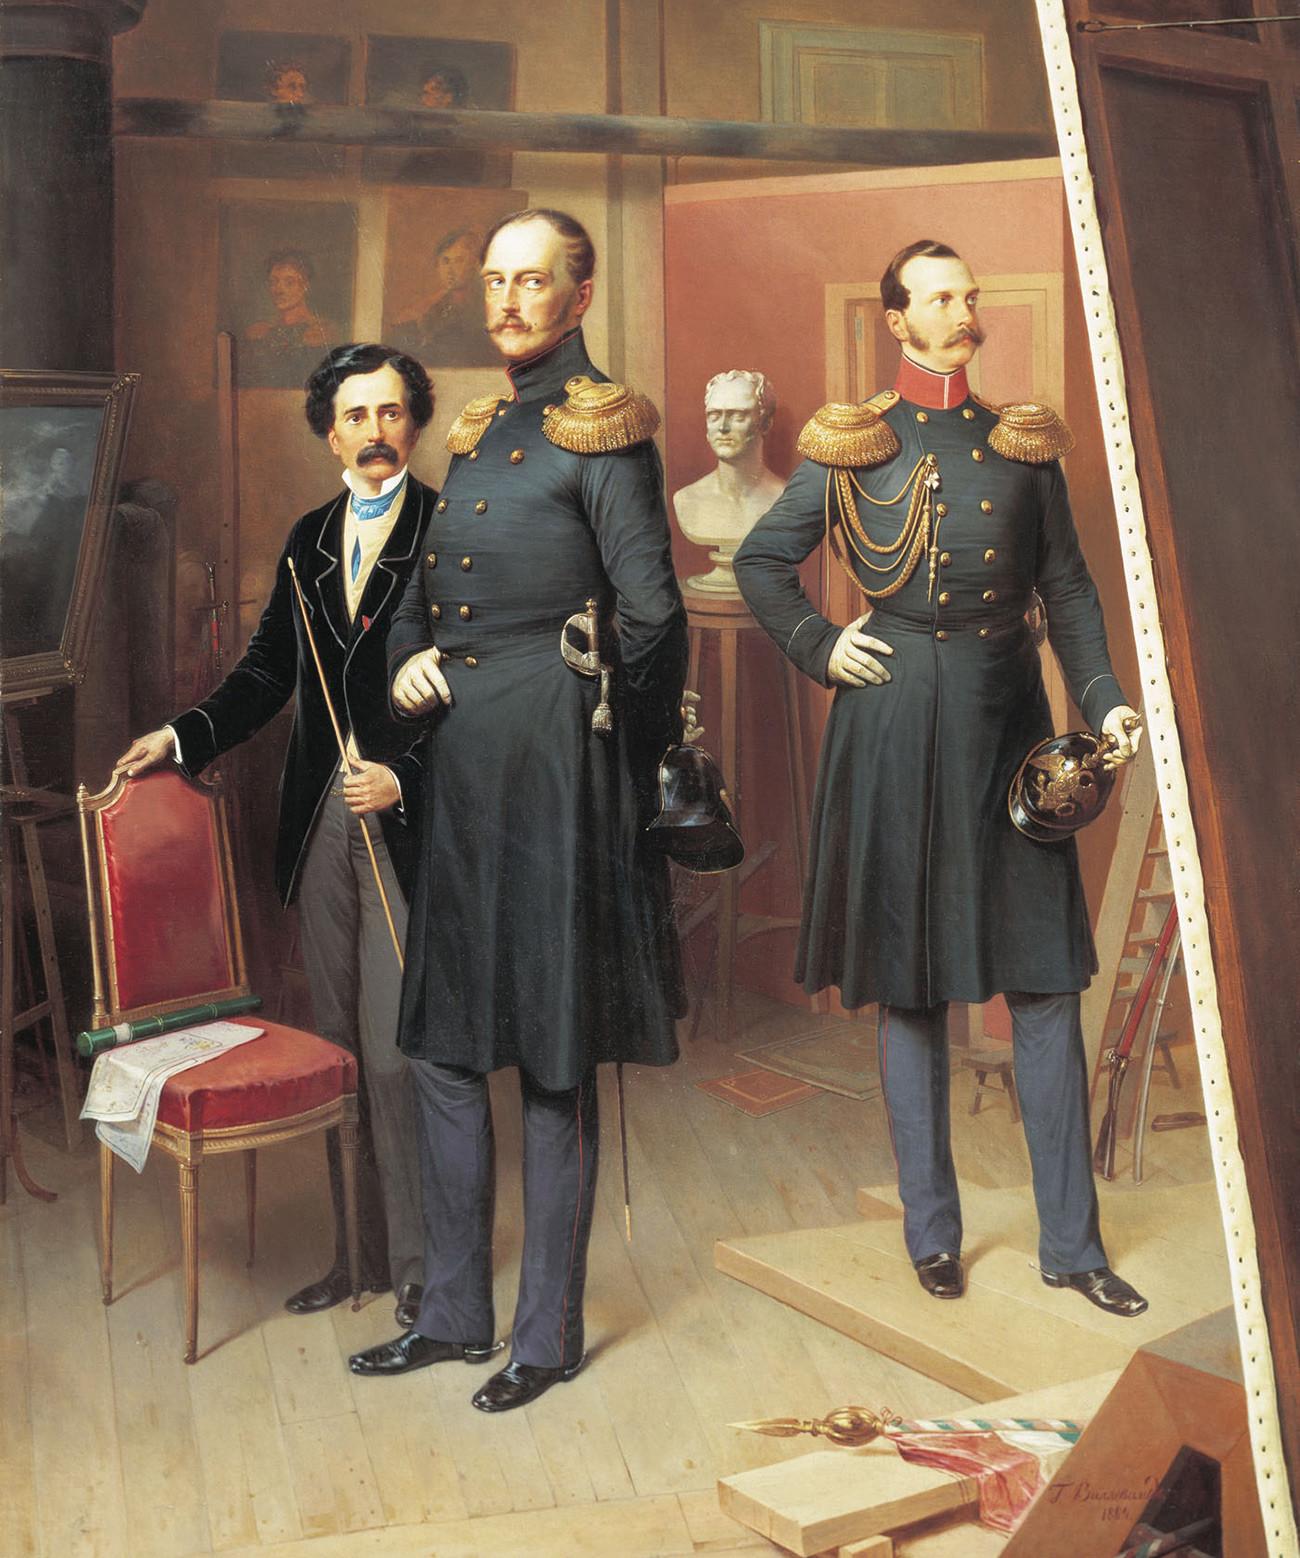 Nicolas Ier et le tsarévitch Alexandre dans l'atelier de peinture, en 1854.